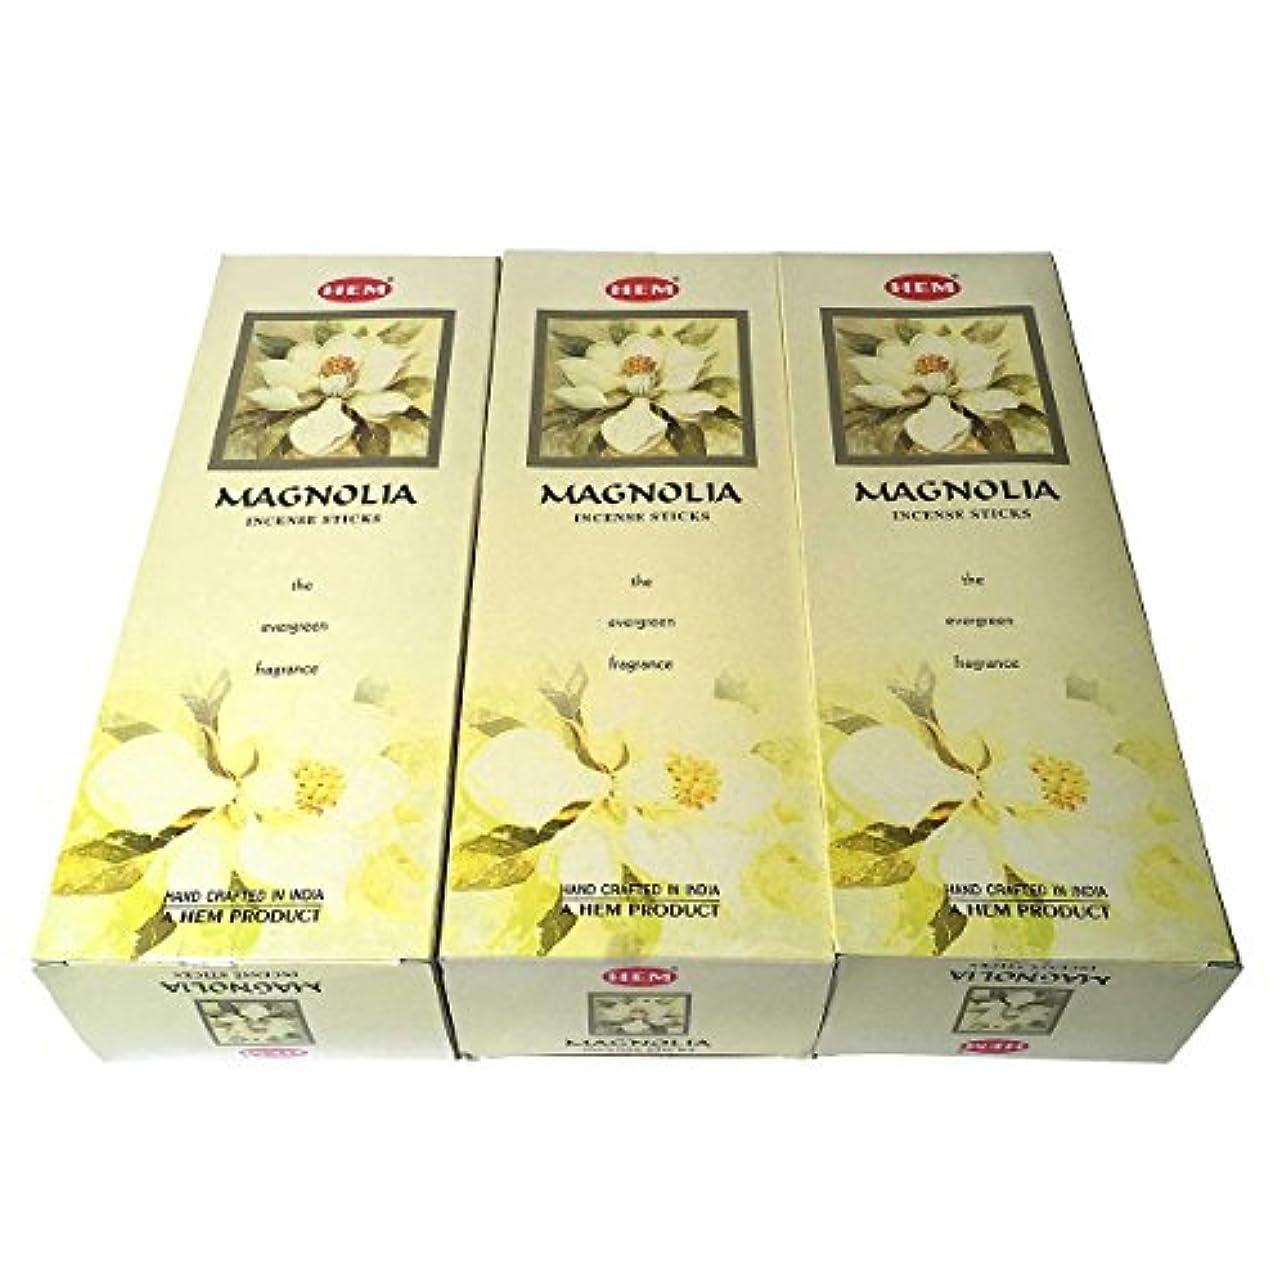 バター合金外向きマグノリア香スティック 3BOX(18箱) /HEM MAGNOLIA/お香/インセンス/インド香 お香 [並行輸入品]